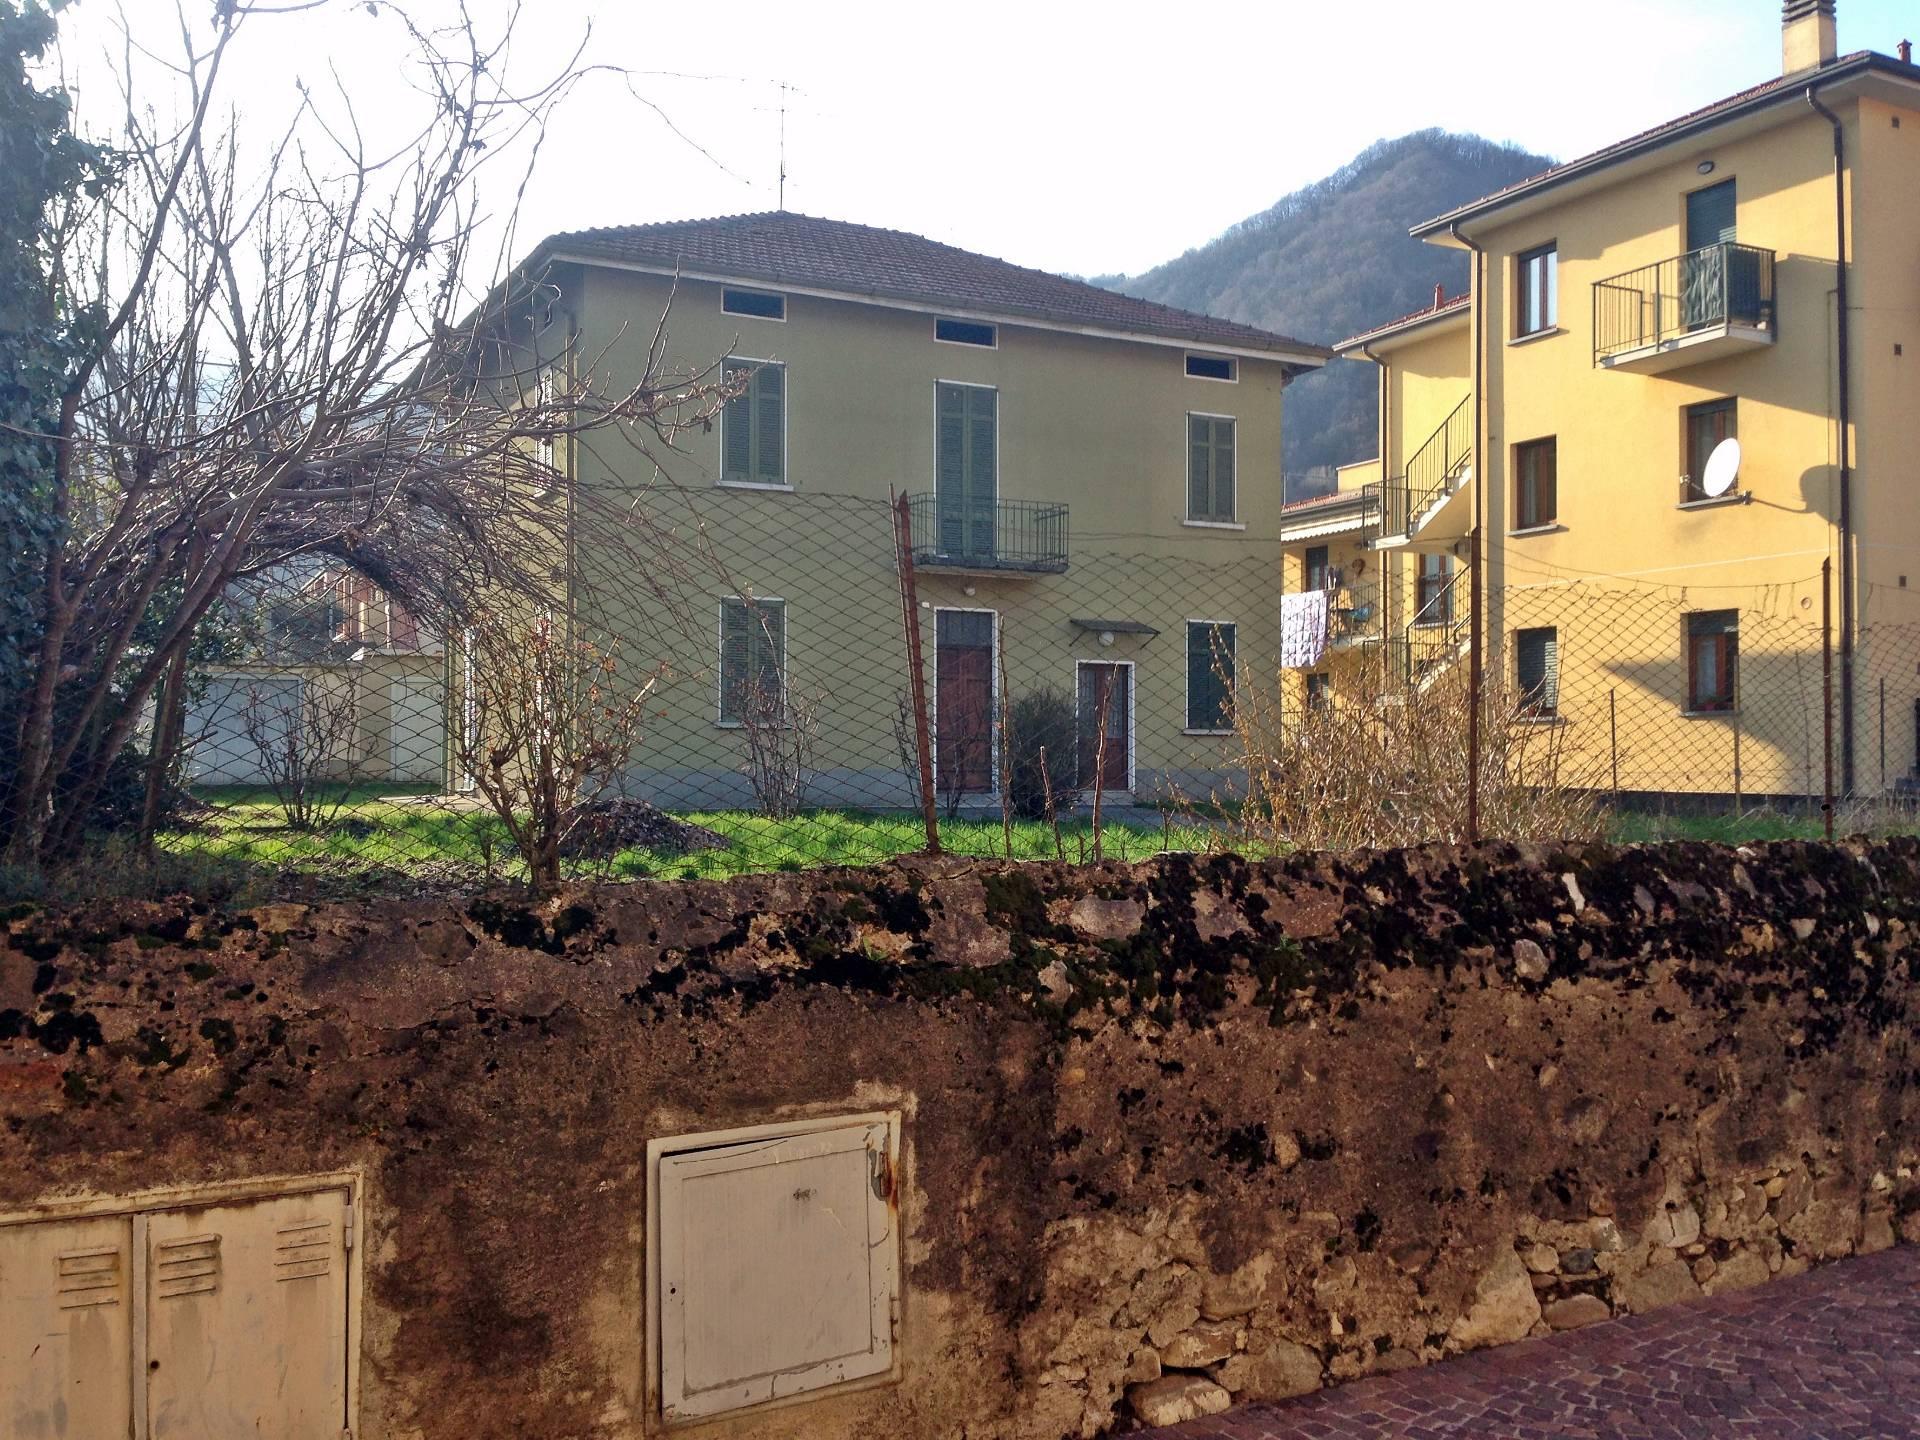 Villa Bifamiliare in vendita a Valgreghentino, 8 locali, prezzo € 280.000 | Cambio Casa.it